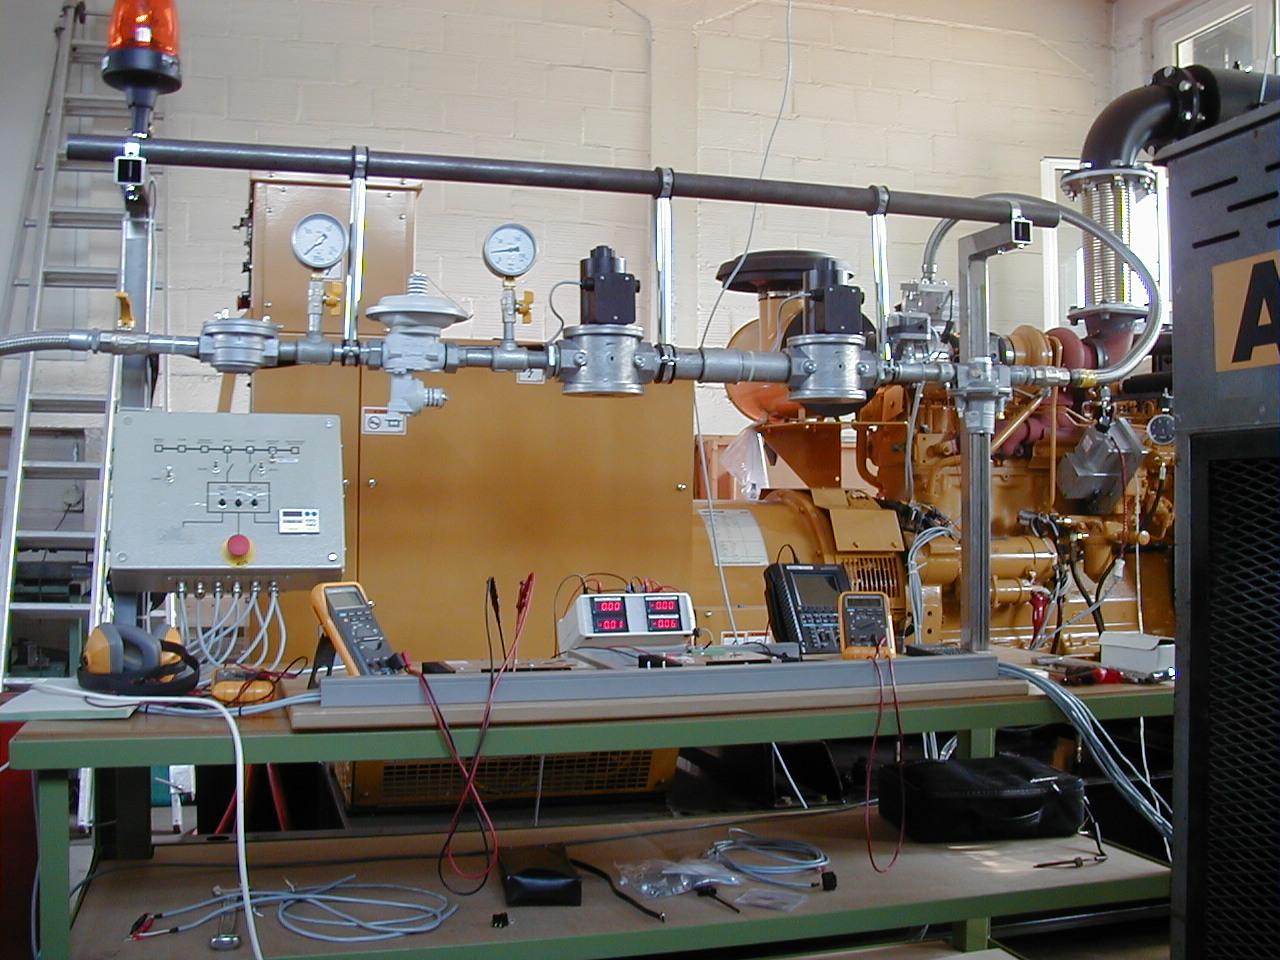 دوگانه سوز سازی دیزل ژنراتور کاترپیلار-کیت تبدیل دیزل به گازسوز